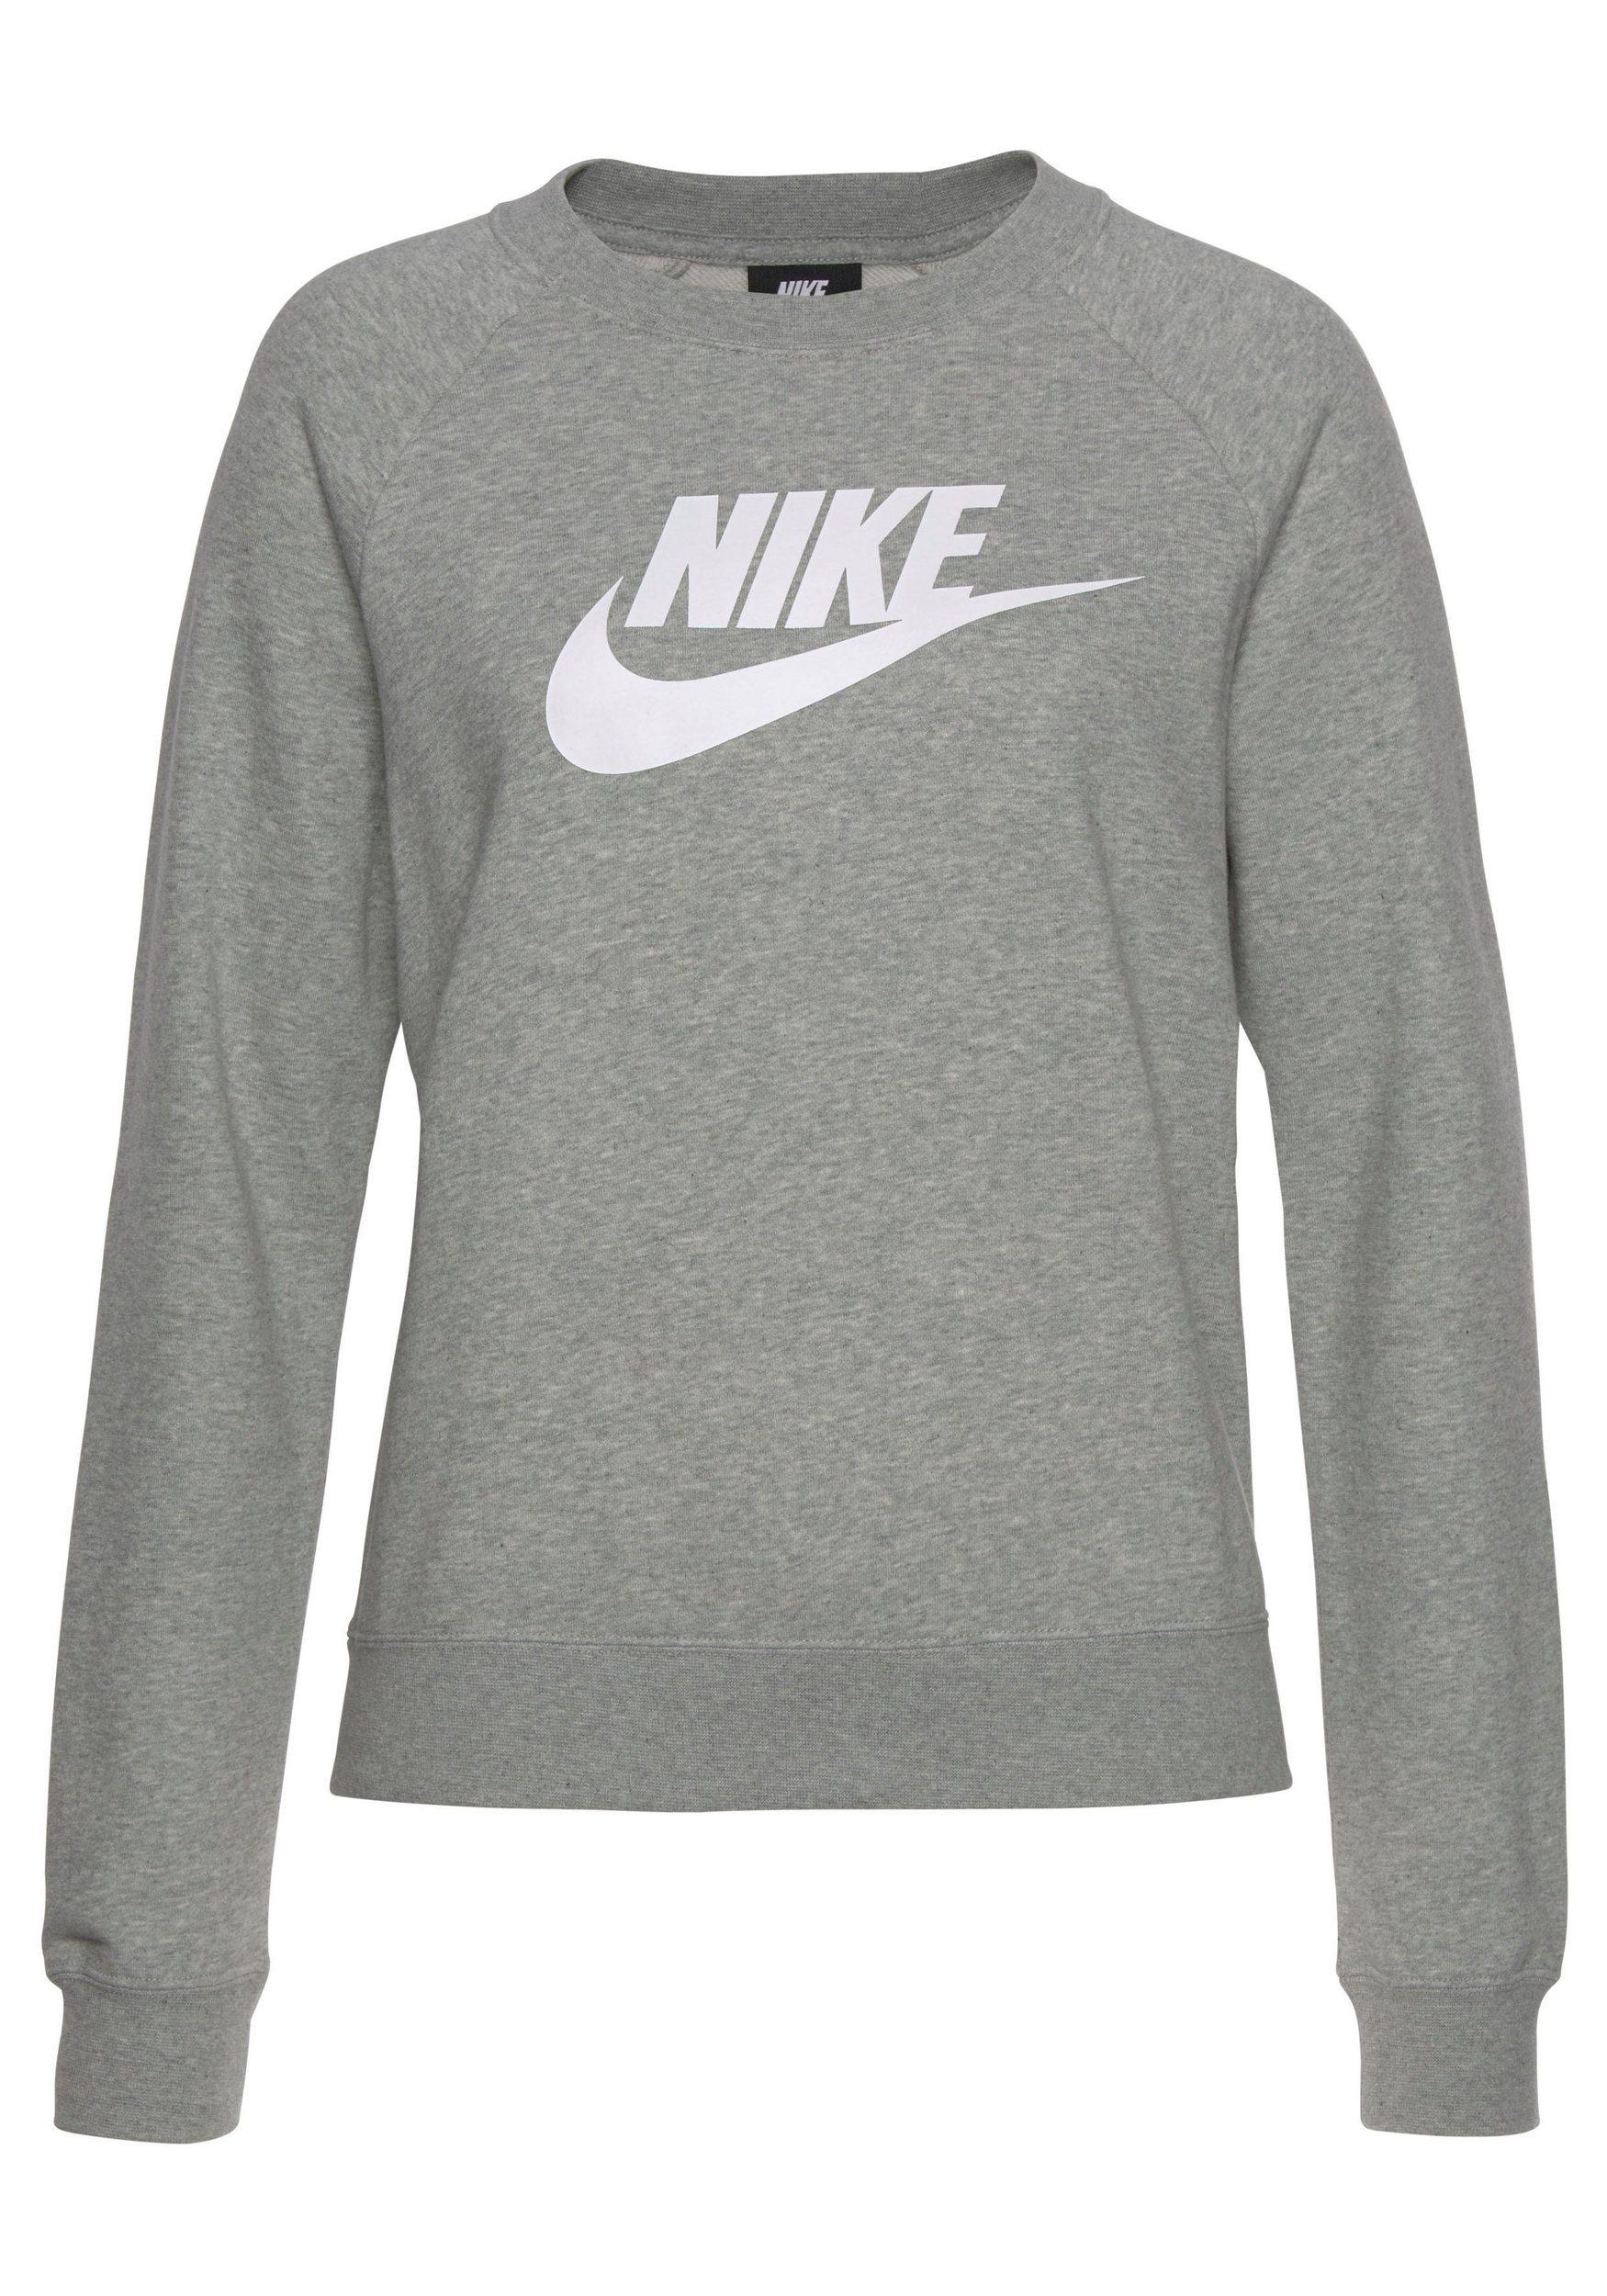 timeless design c9f0f 601db Nike Damen Essential Sweatshirt Pullover grau